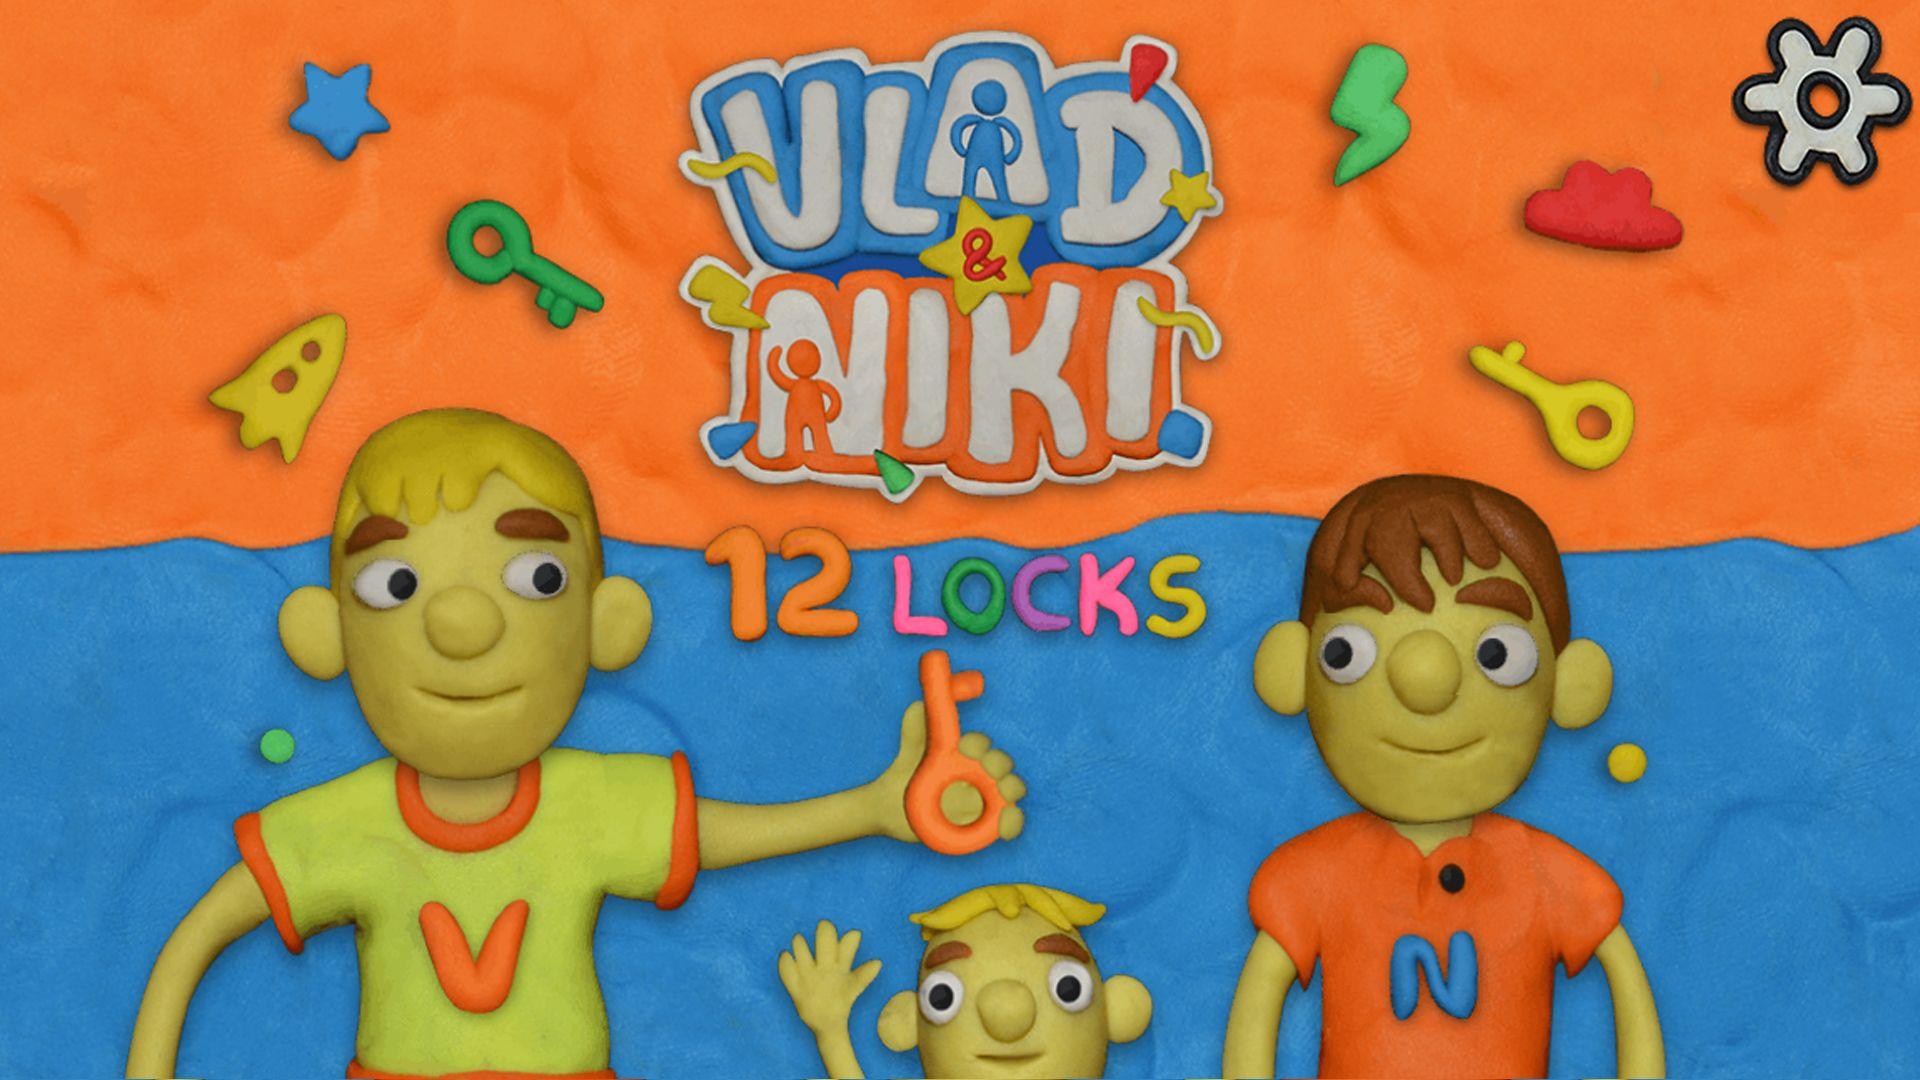 Vlad & Niki 12 Locks captura de pantalla 1